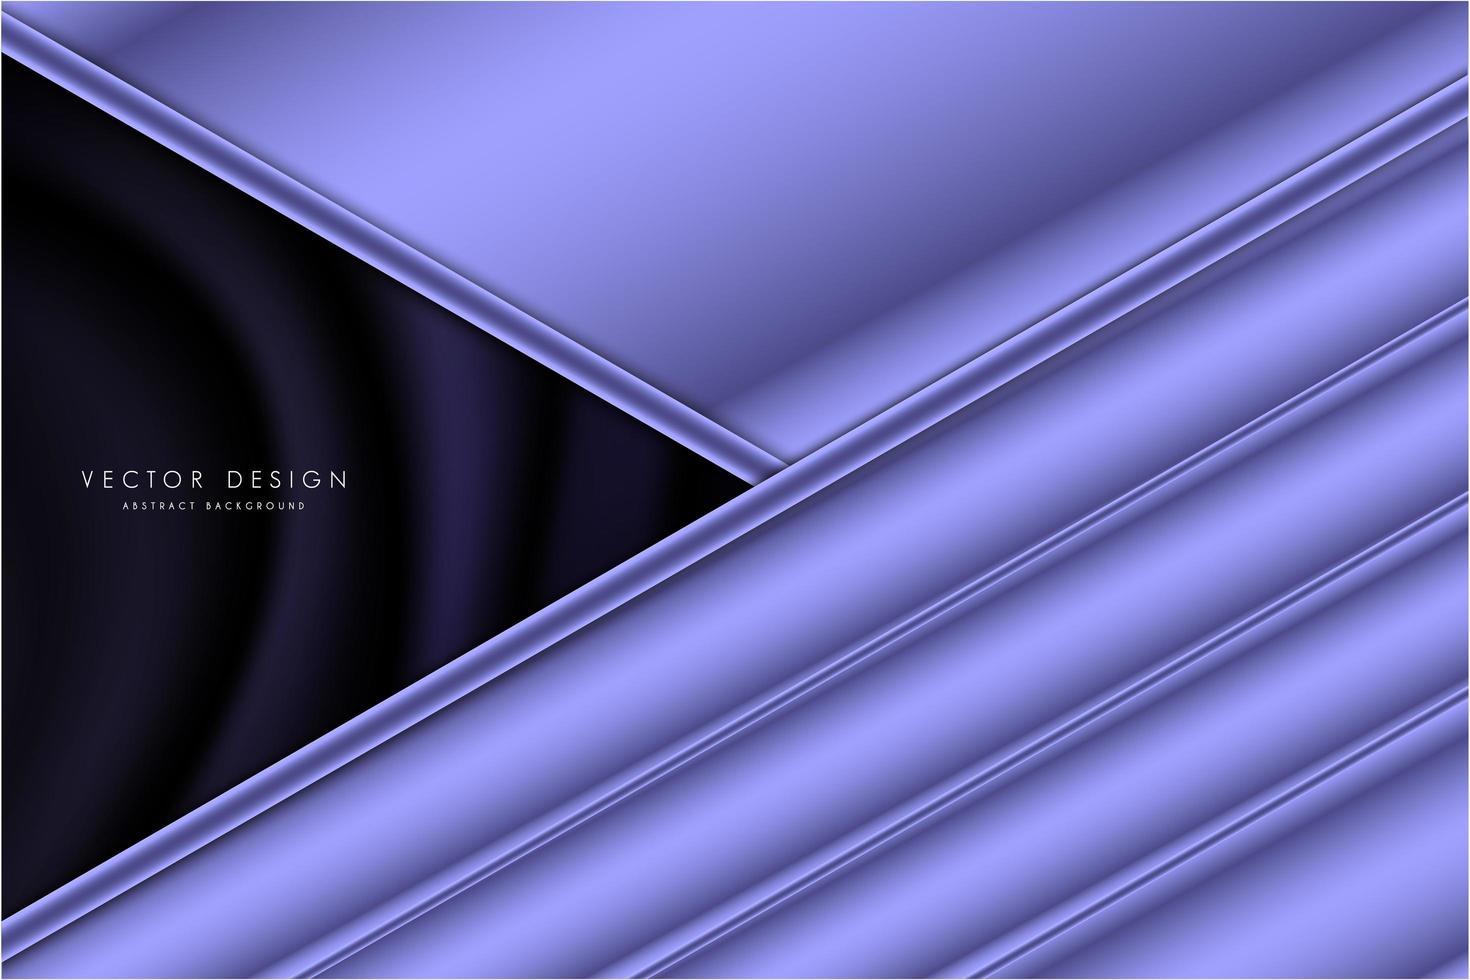 panneaux coudés violet métallisé avec espace sombre en soie vecteur